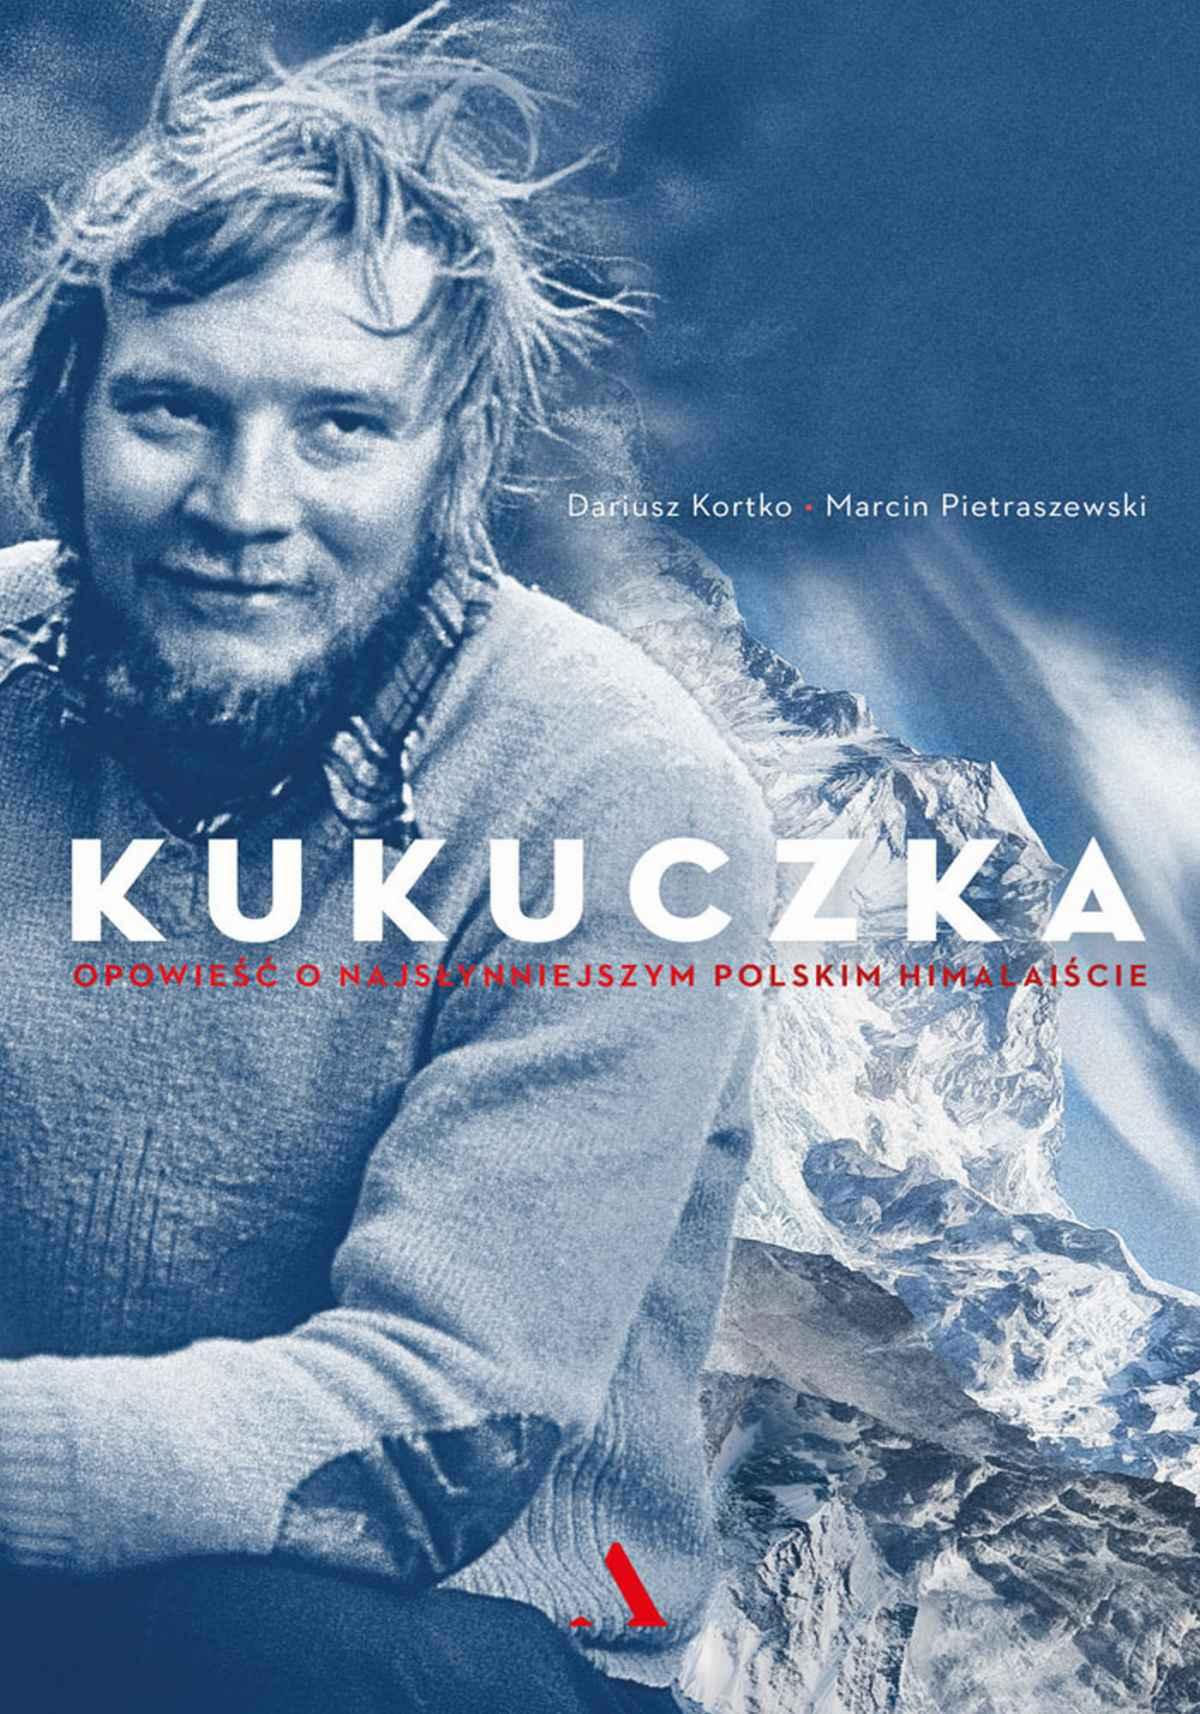 Kukuczka. Opowieść o najsłynniejszym polskim himalaiście - Audiobook (Książka audio MP3) do pobrania w całości w archiwum ZIP